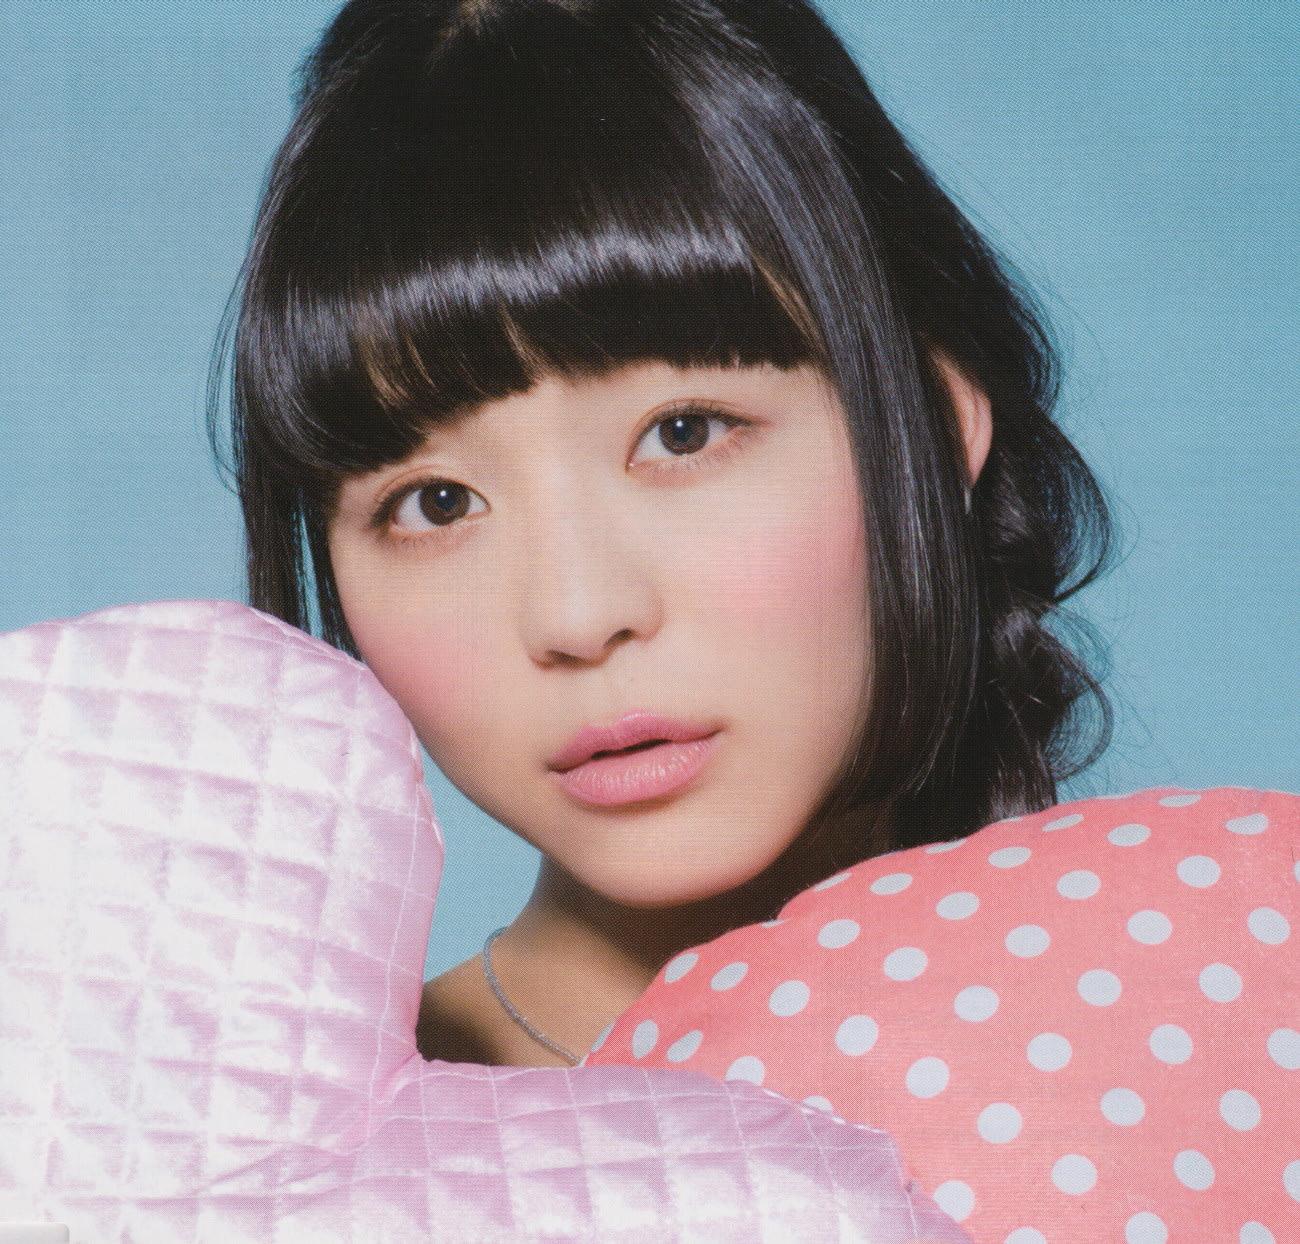 Yukikax Teen Js Jcampyukikax Teen - Office Girls Wallpaper